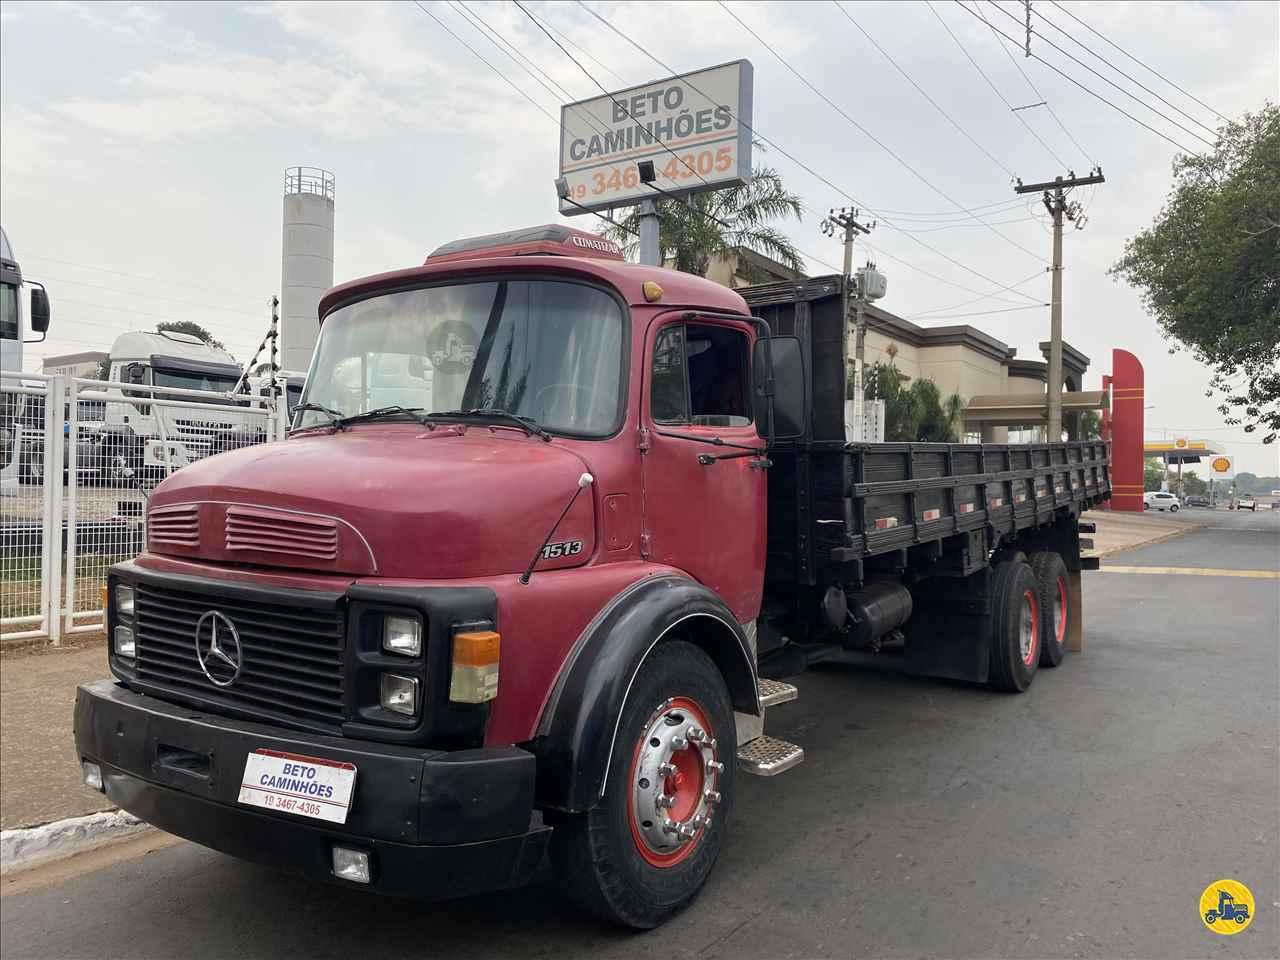 CAMINHAO MERCEDES-BENZ MB 1513 Carga Seca Truck 6x2 Beto Caminhões Piracicaba AMERICANA SÃO PAULO SP